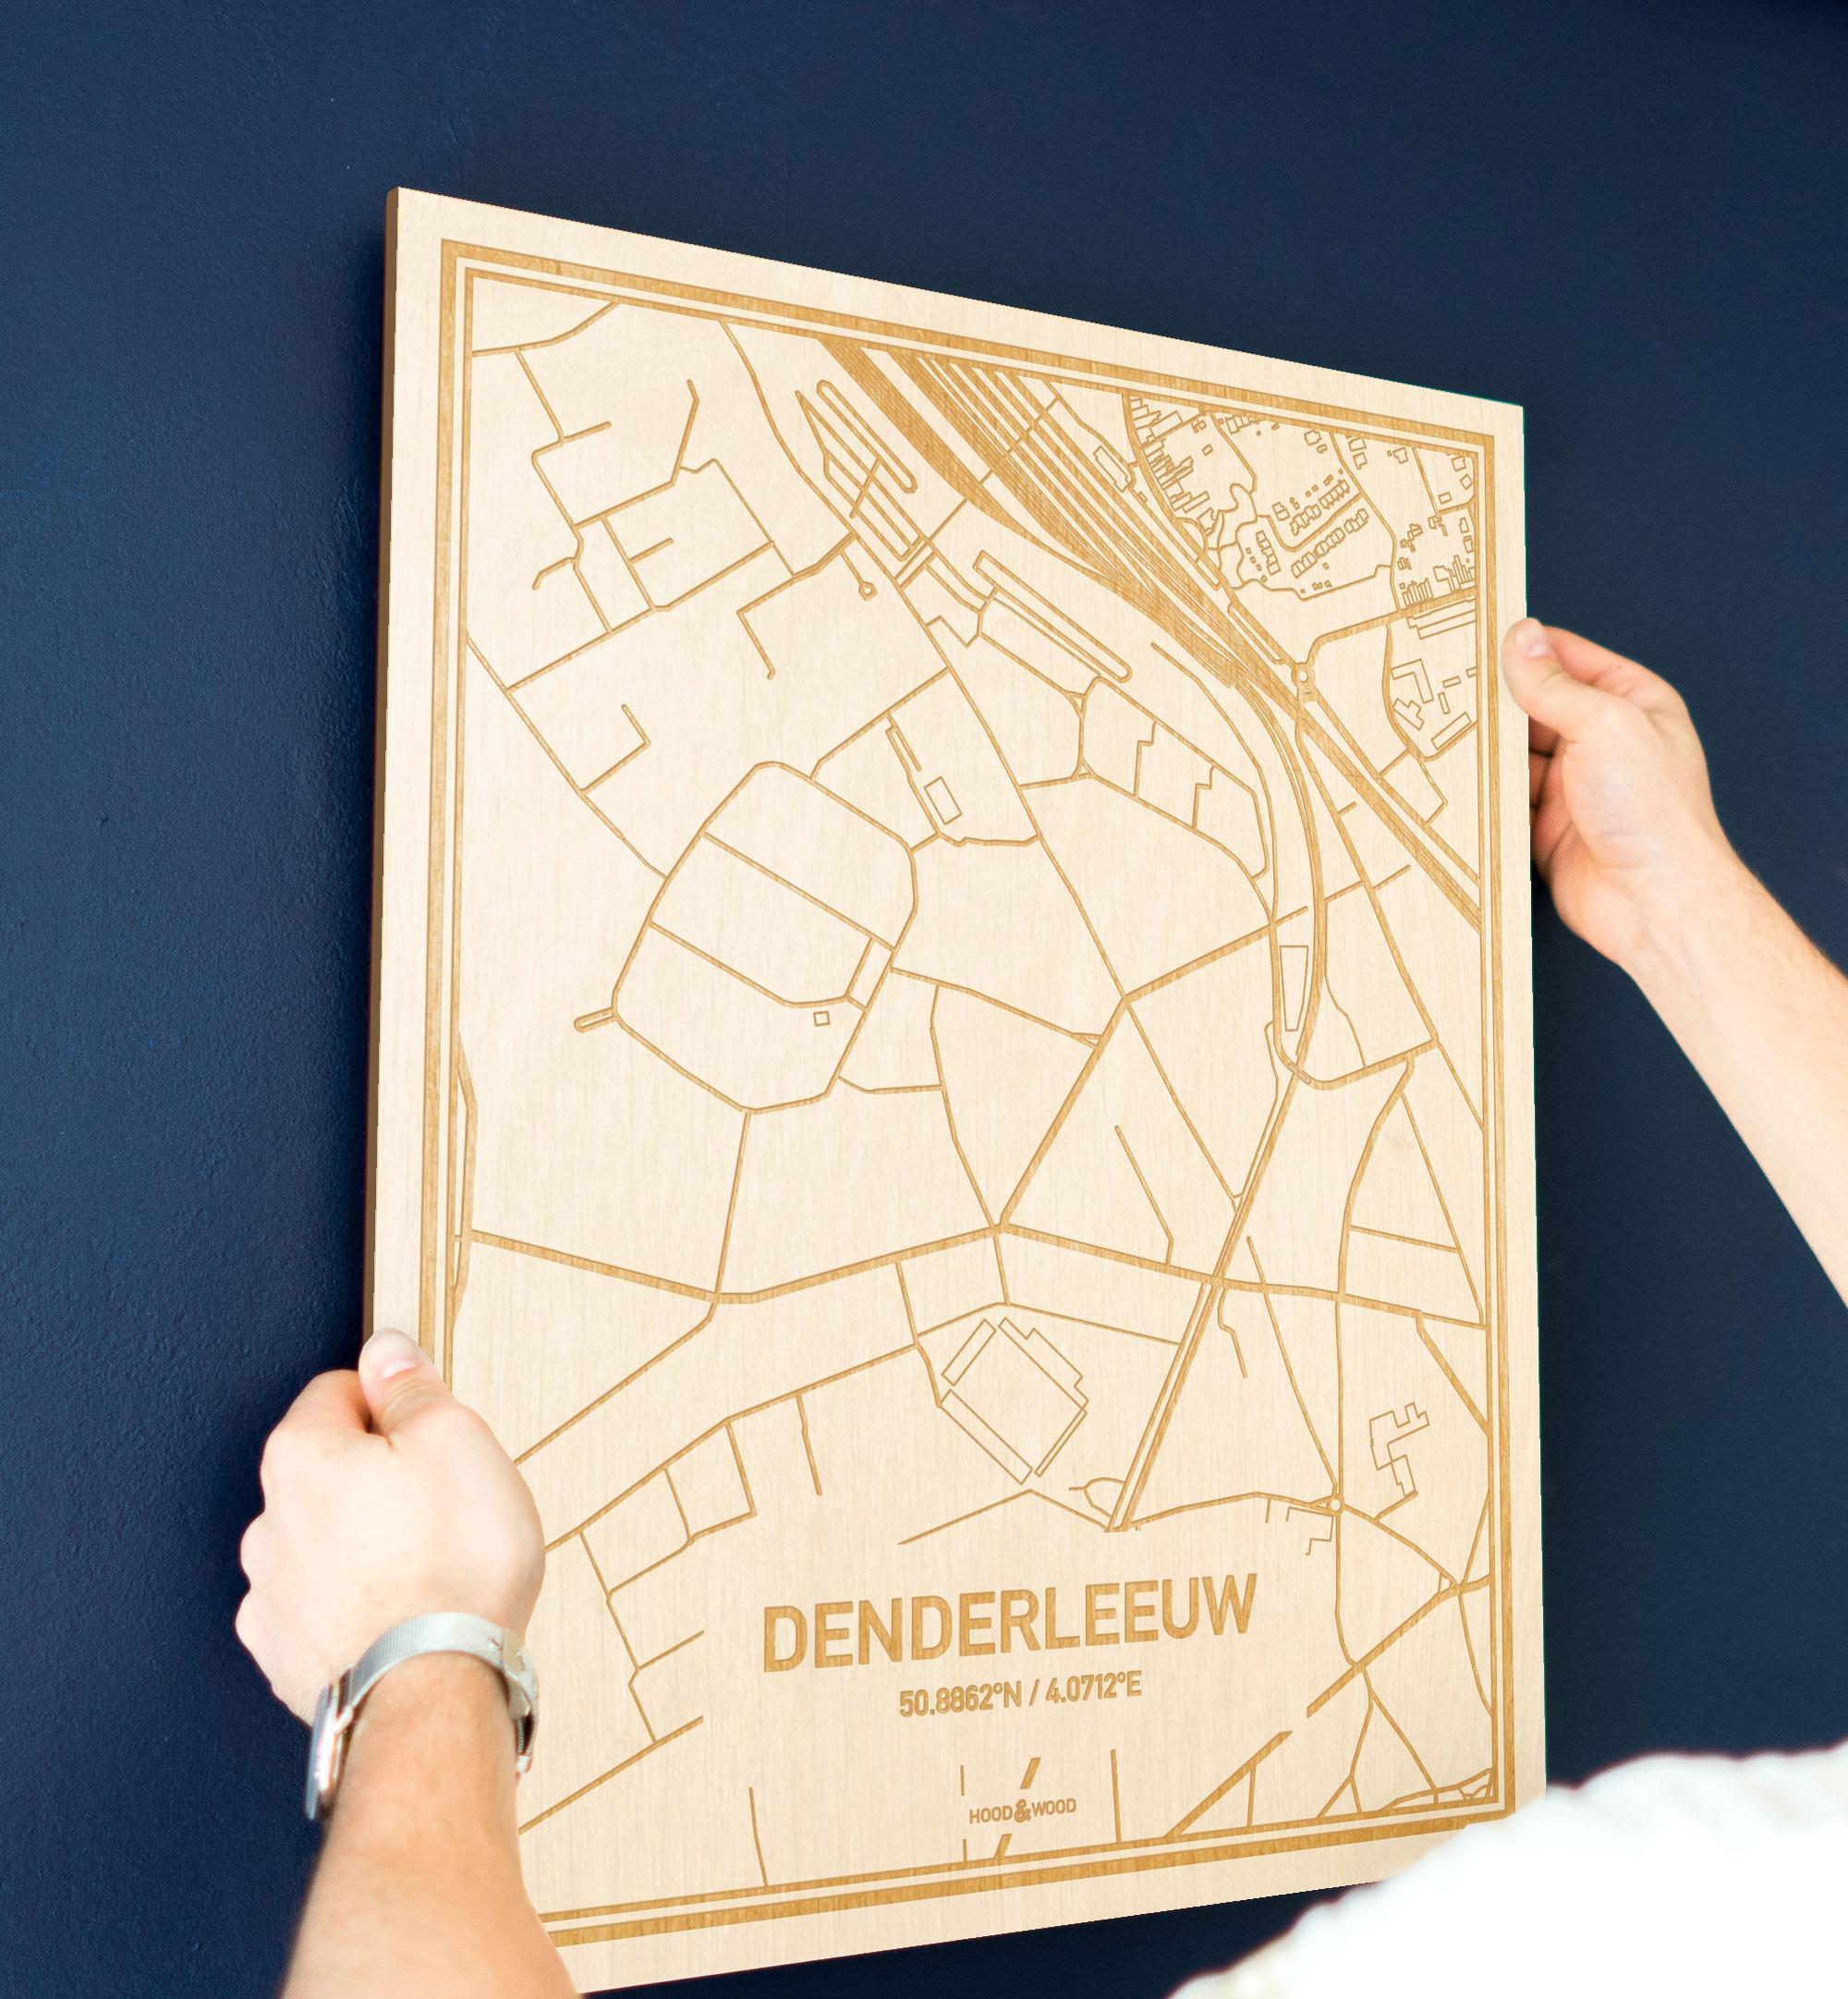 Een man hangt de houten plattegrond Denderleeuw aan zijn blauwe muur ter decoratie. Je ziet alleen zijn handen de kaart van deze moderne in Oost-Vlaanderen  vasthouden.